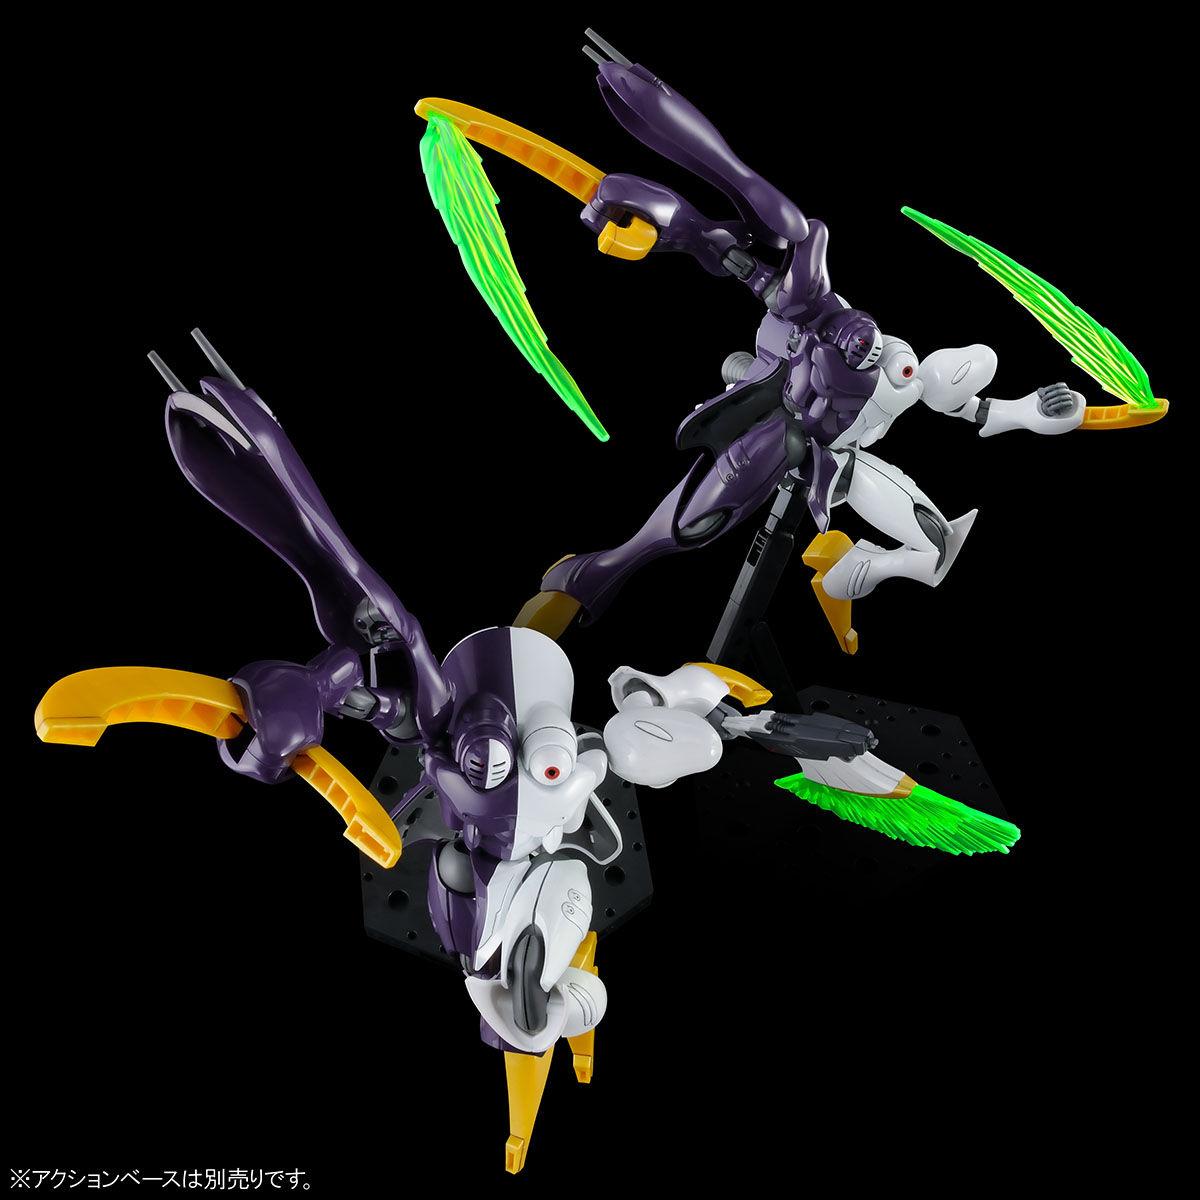 【限定販売】HG 1/144『ディキトゥス(影のカリスト専用機)』クロスボーン・ガンダム プラモデル-005